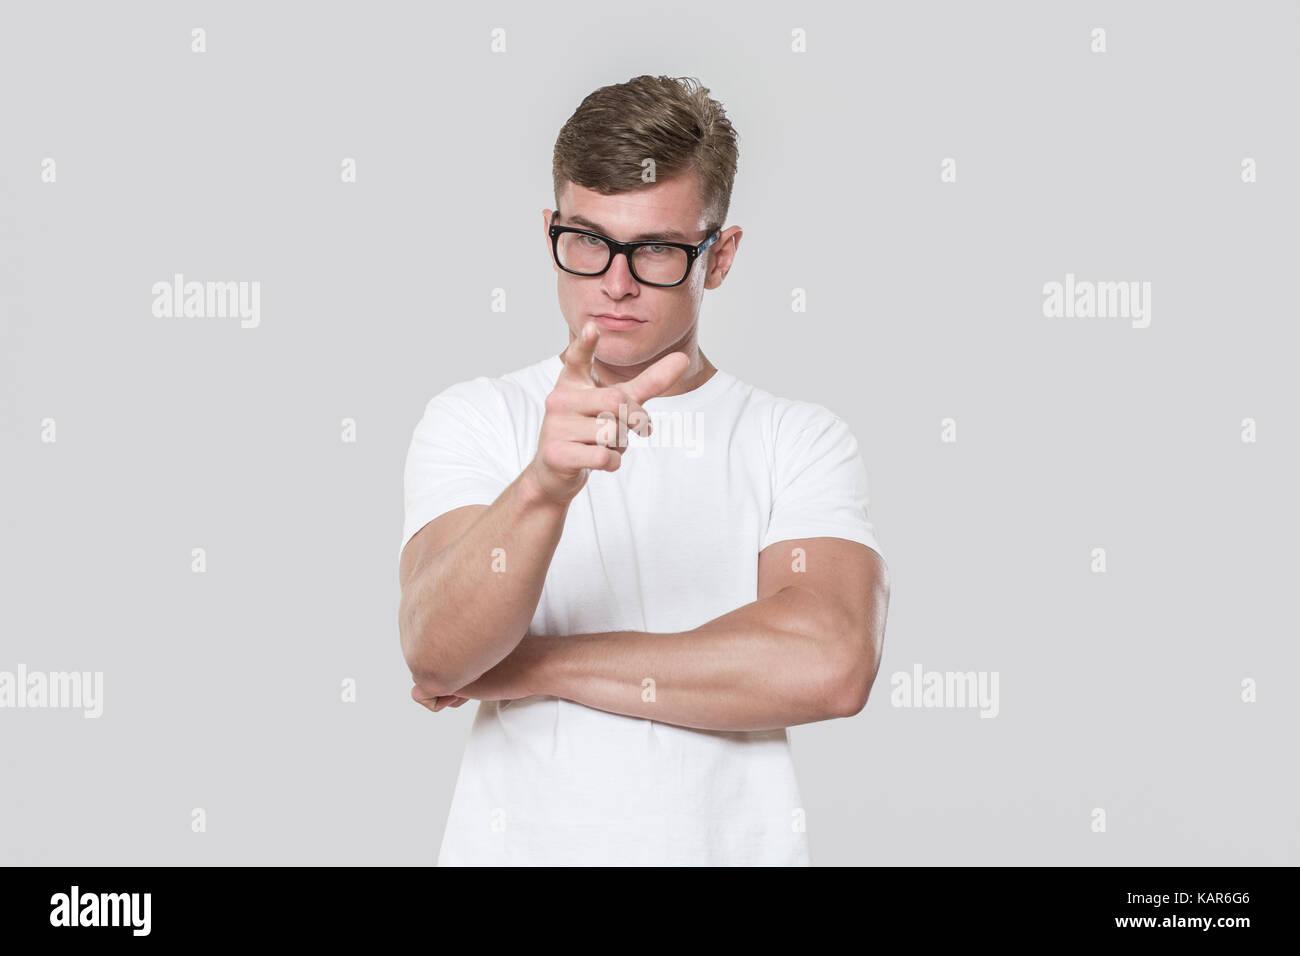 Beau jeune homme pointant à l'appareil photo. photo prise dans un studio avec fond gris. Le modèle Photo Stock